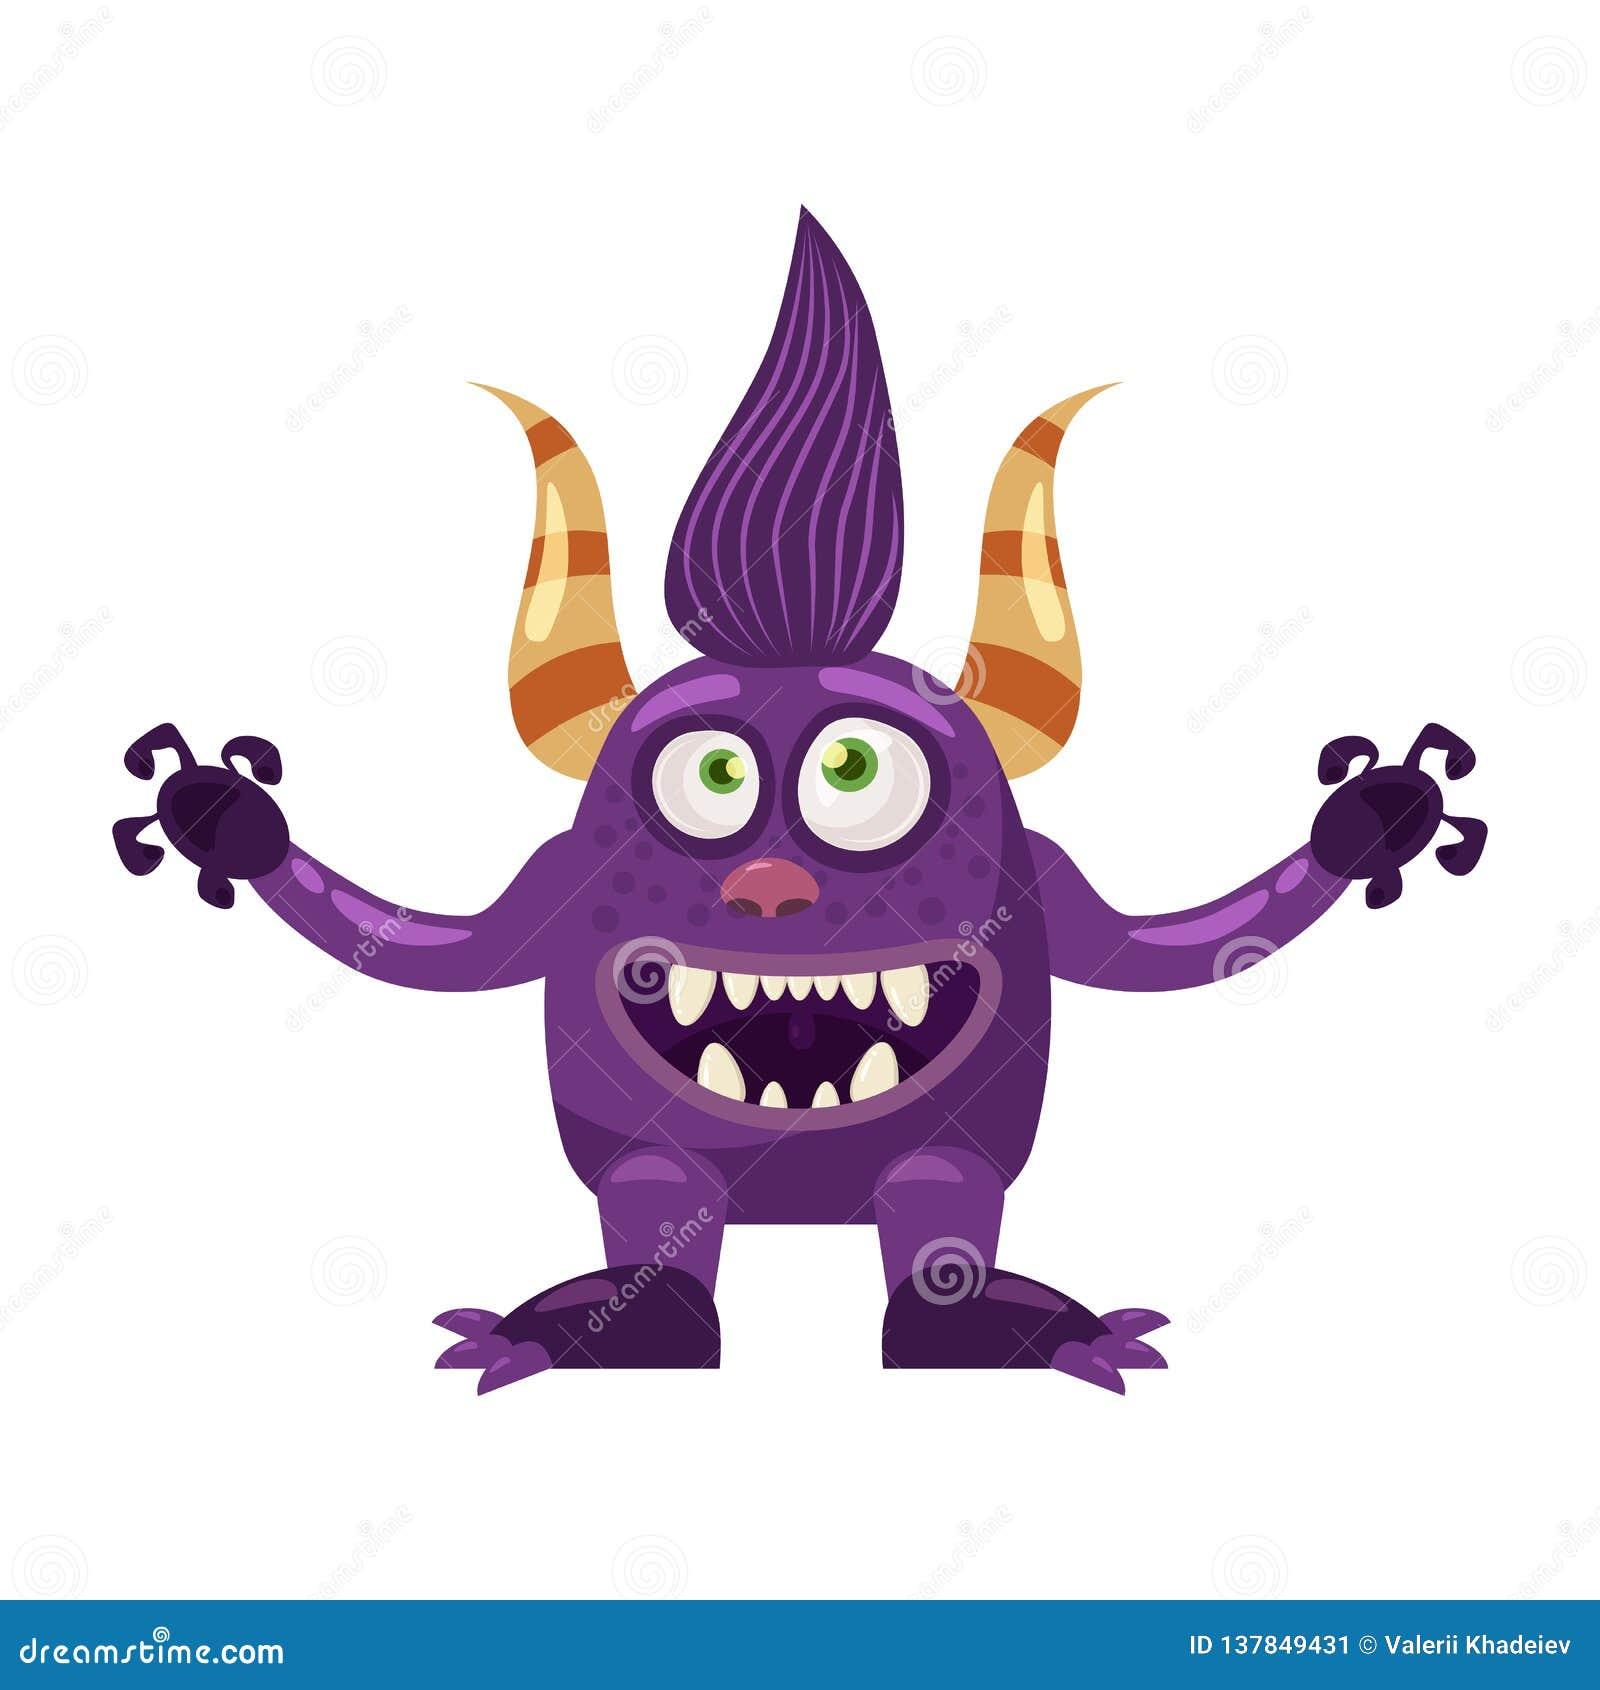 Błyszczki Bigfoot bajki śliczny śmieszny charakter, emocje, kreskówka styl dla książek, reklama, majchery, wektor